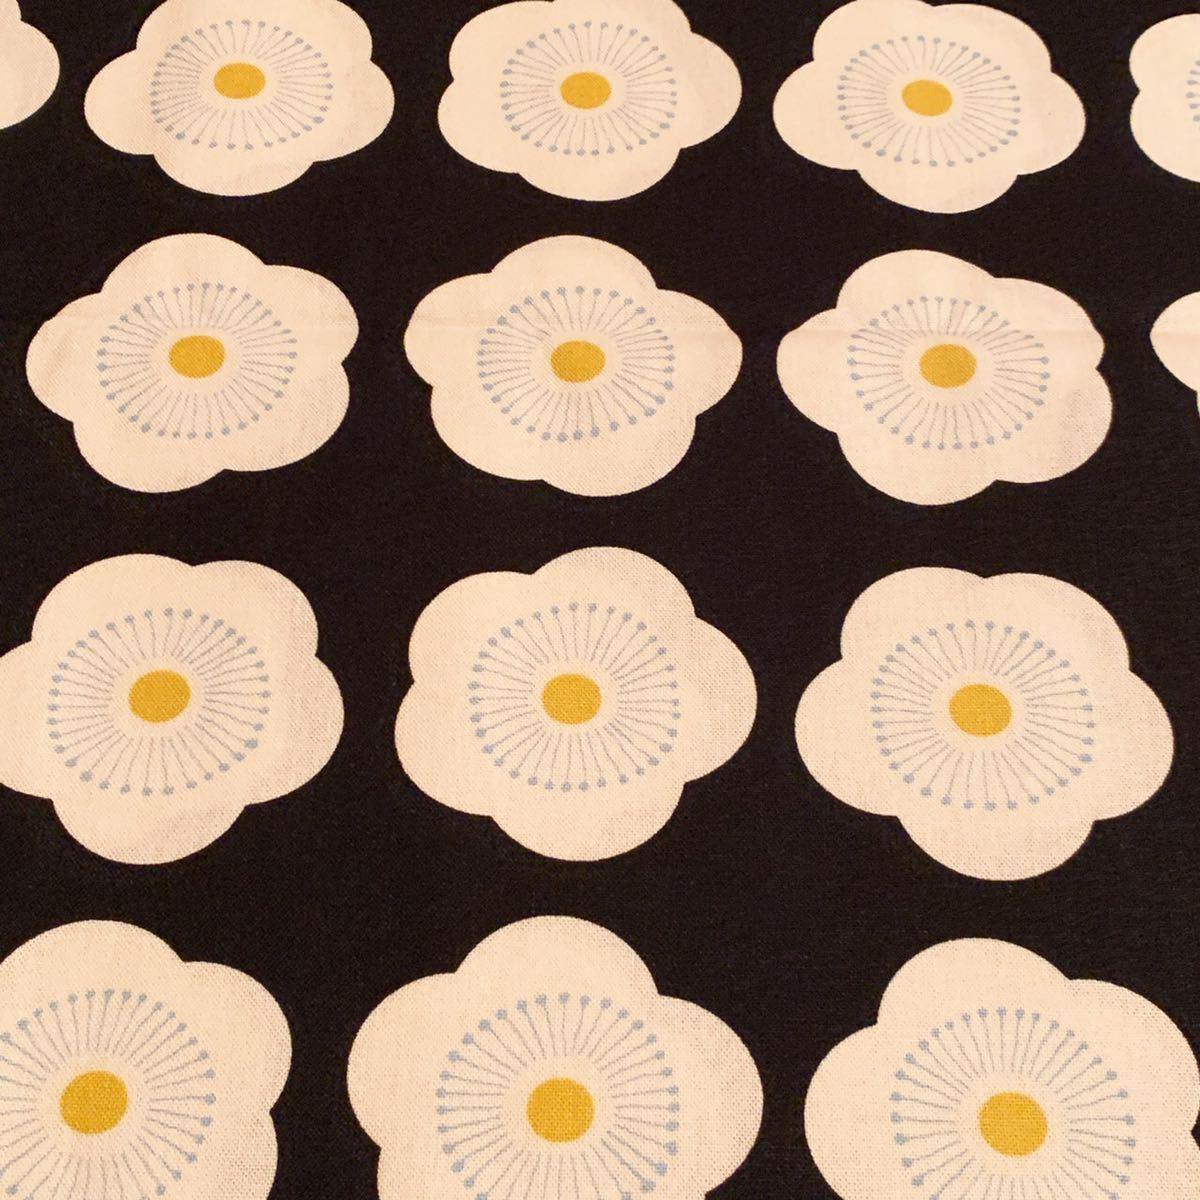 【はぎれ】花柄◇布 生地 ハンドメイド用  約110cm×約50cm 綿◇コットン《送料無料》